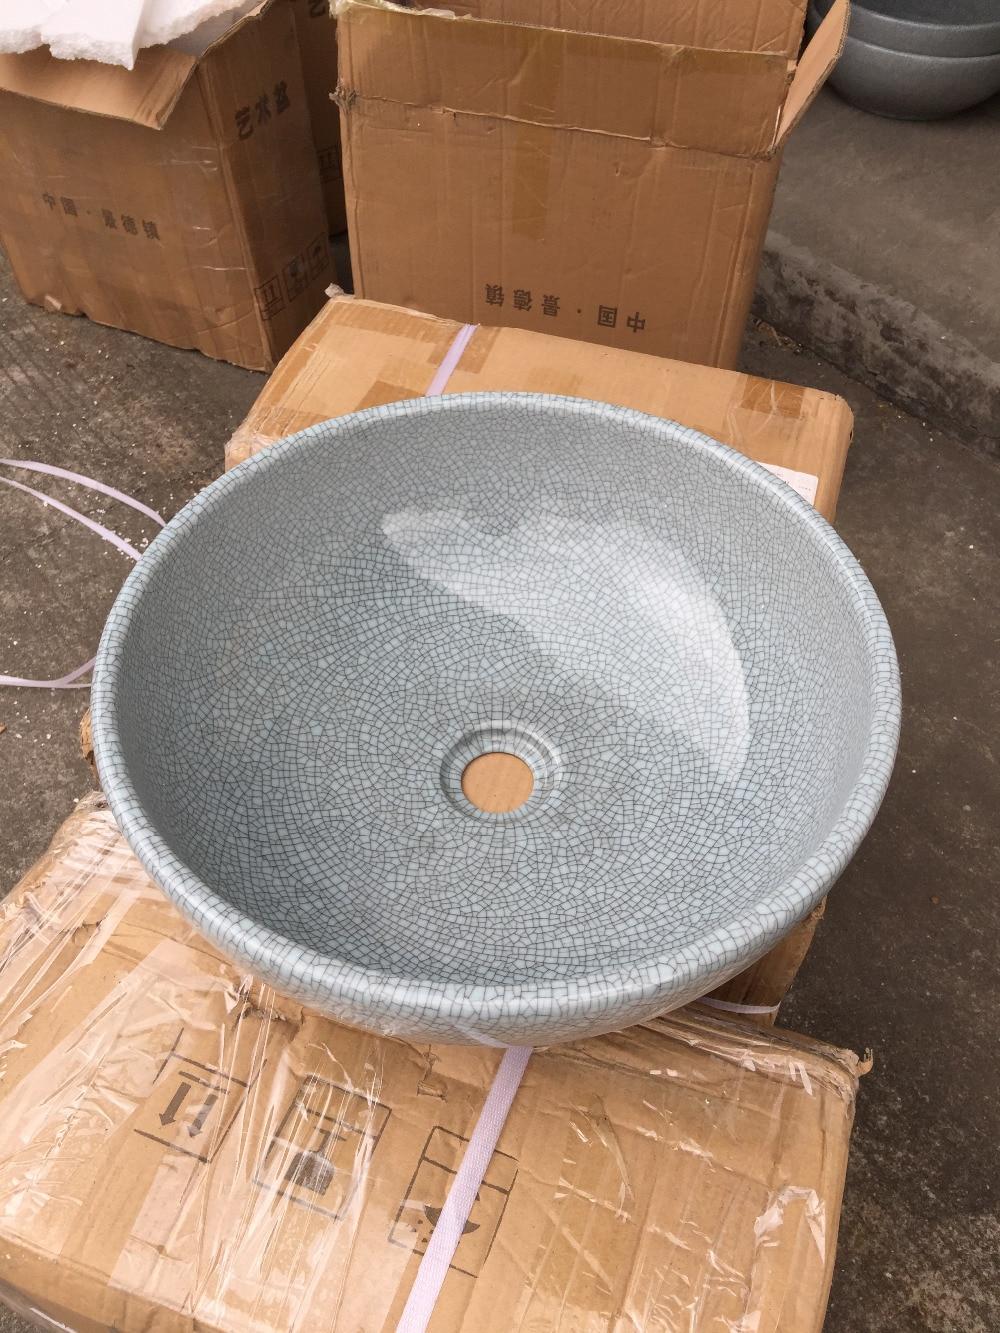 Baño redondo lavabo cerámica encimera lavabo grieta acristalamiento porcelana buque fregadero Lulu001